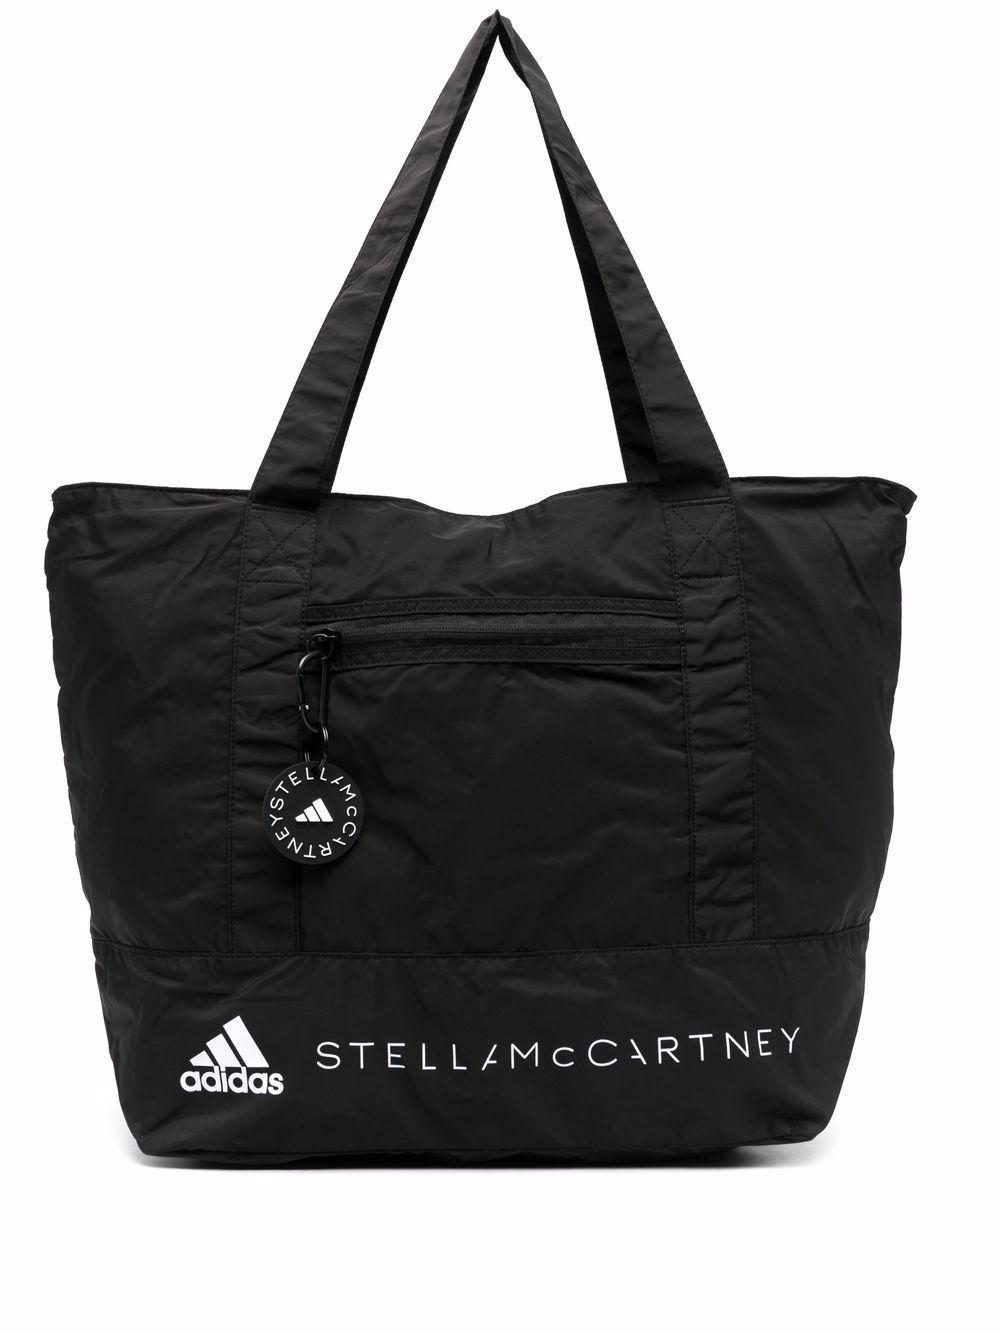 Borsa shopping bag